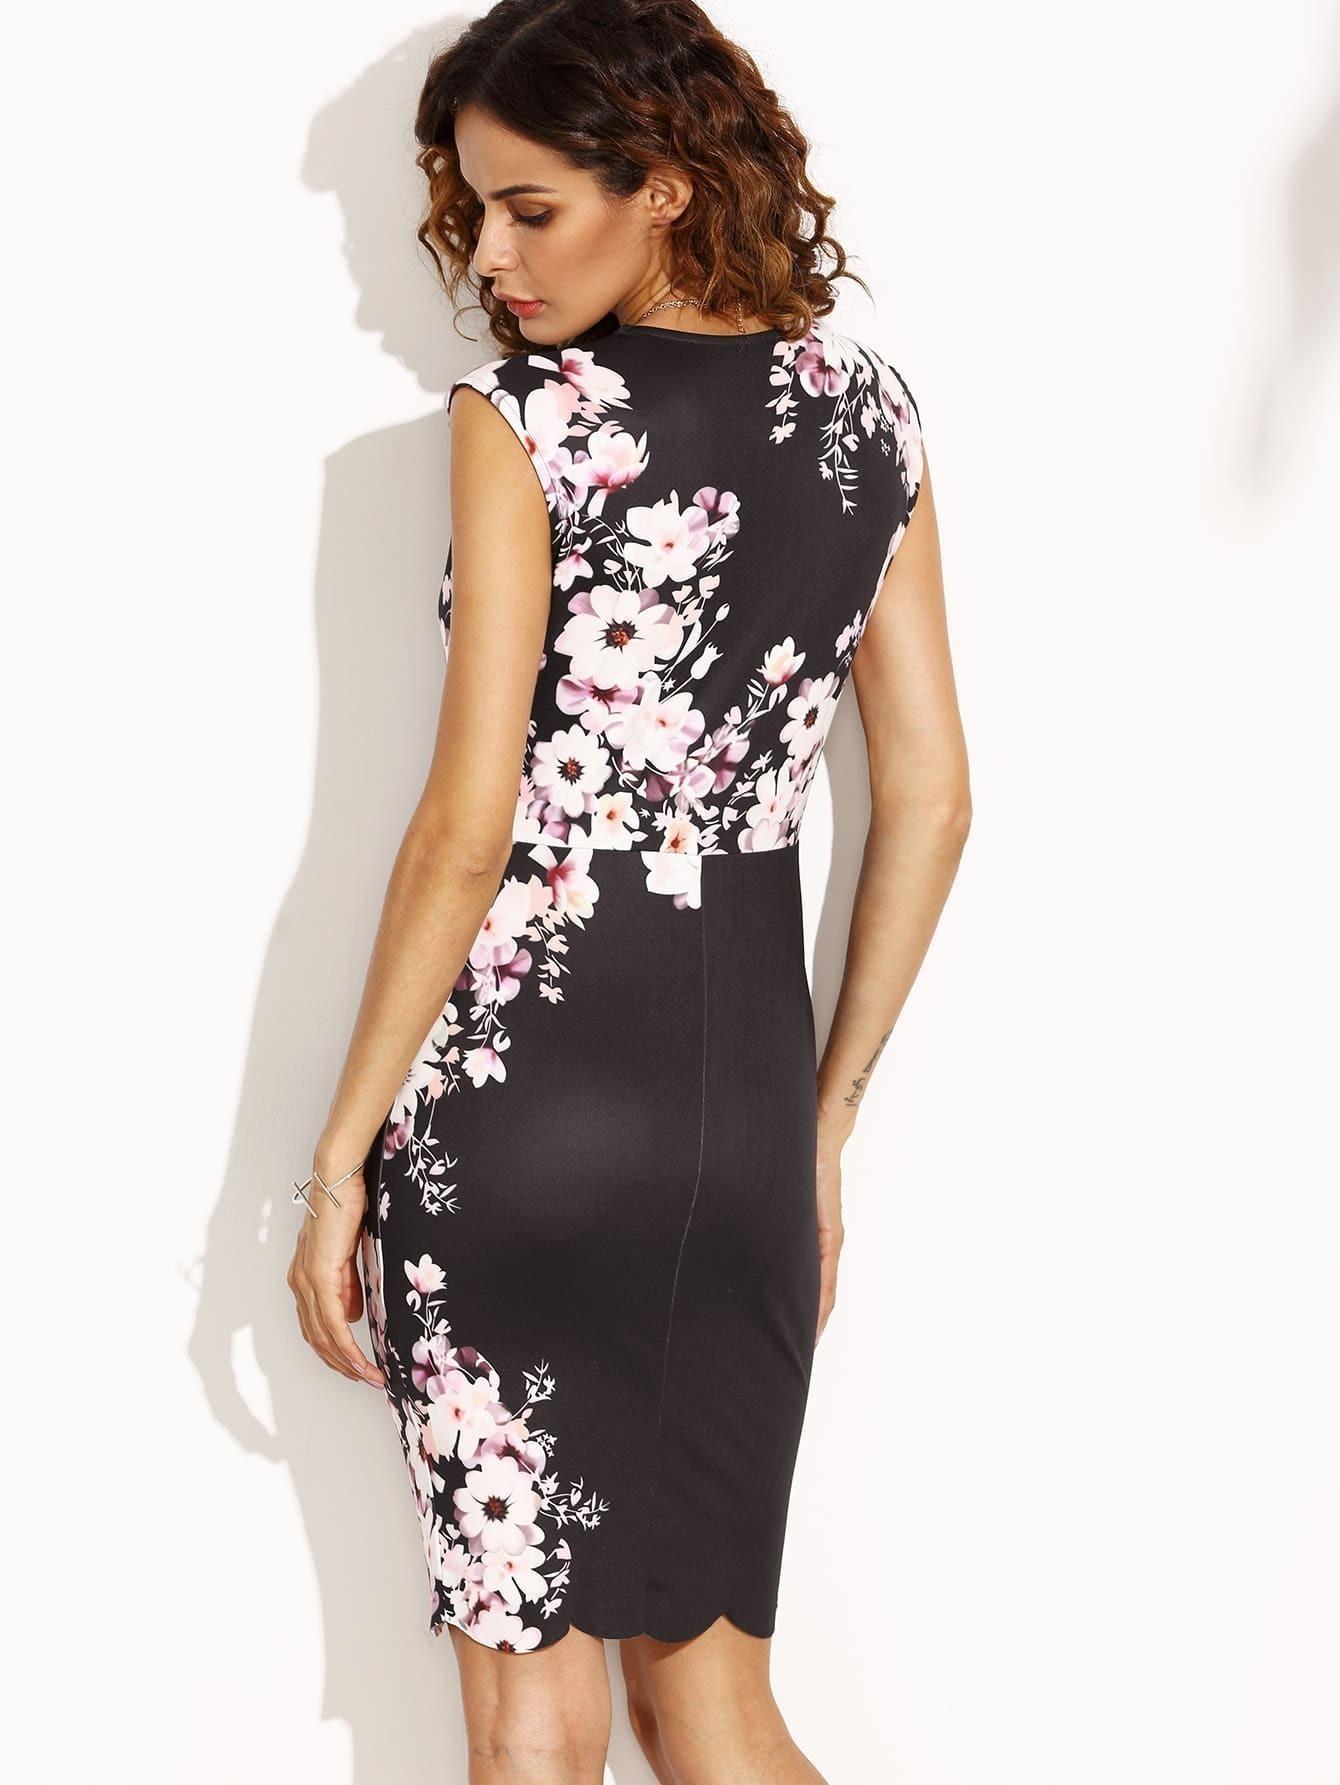 dress160809710_2